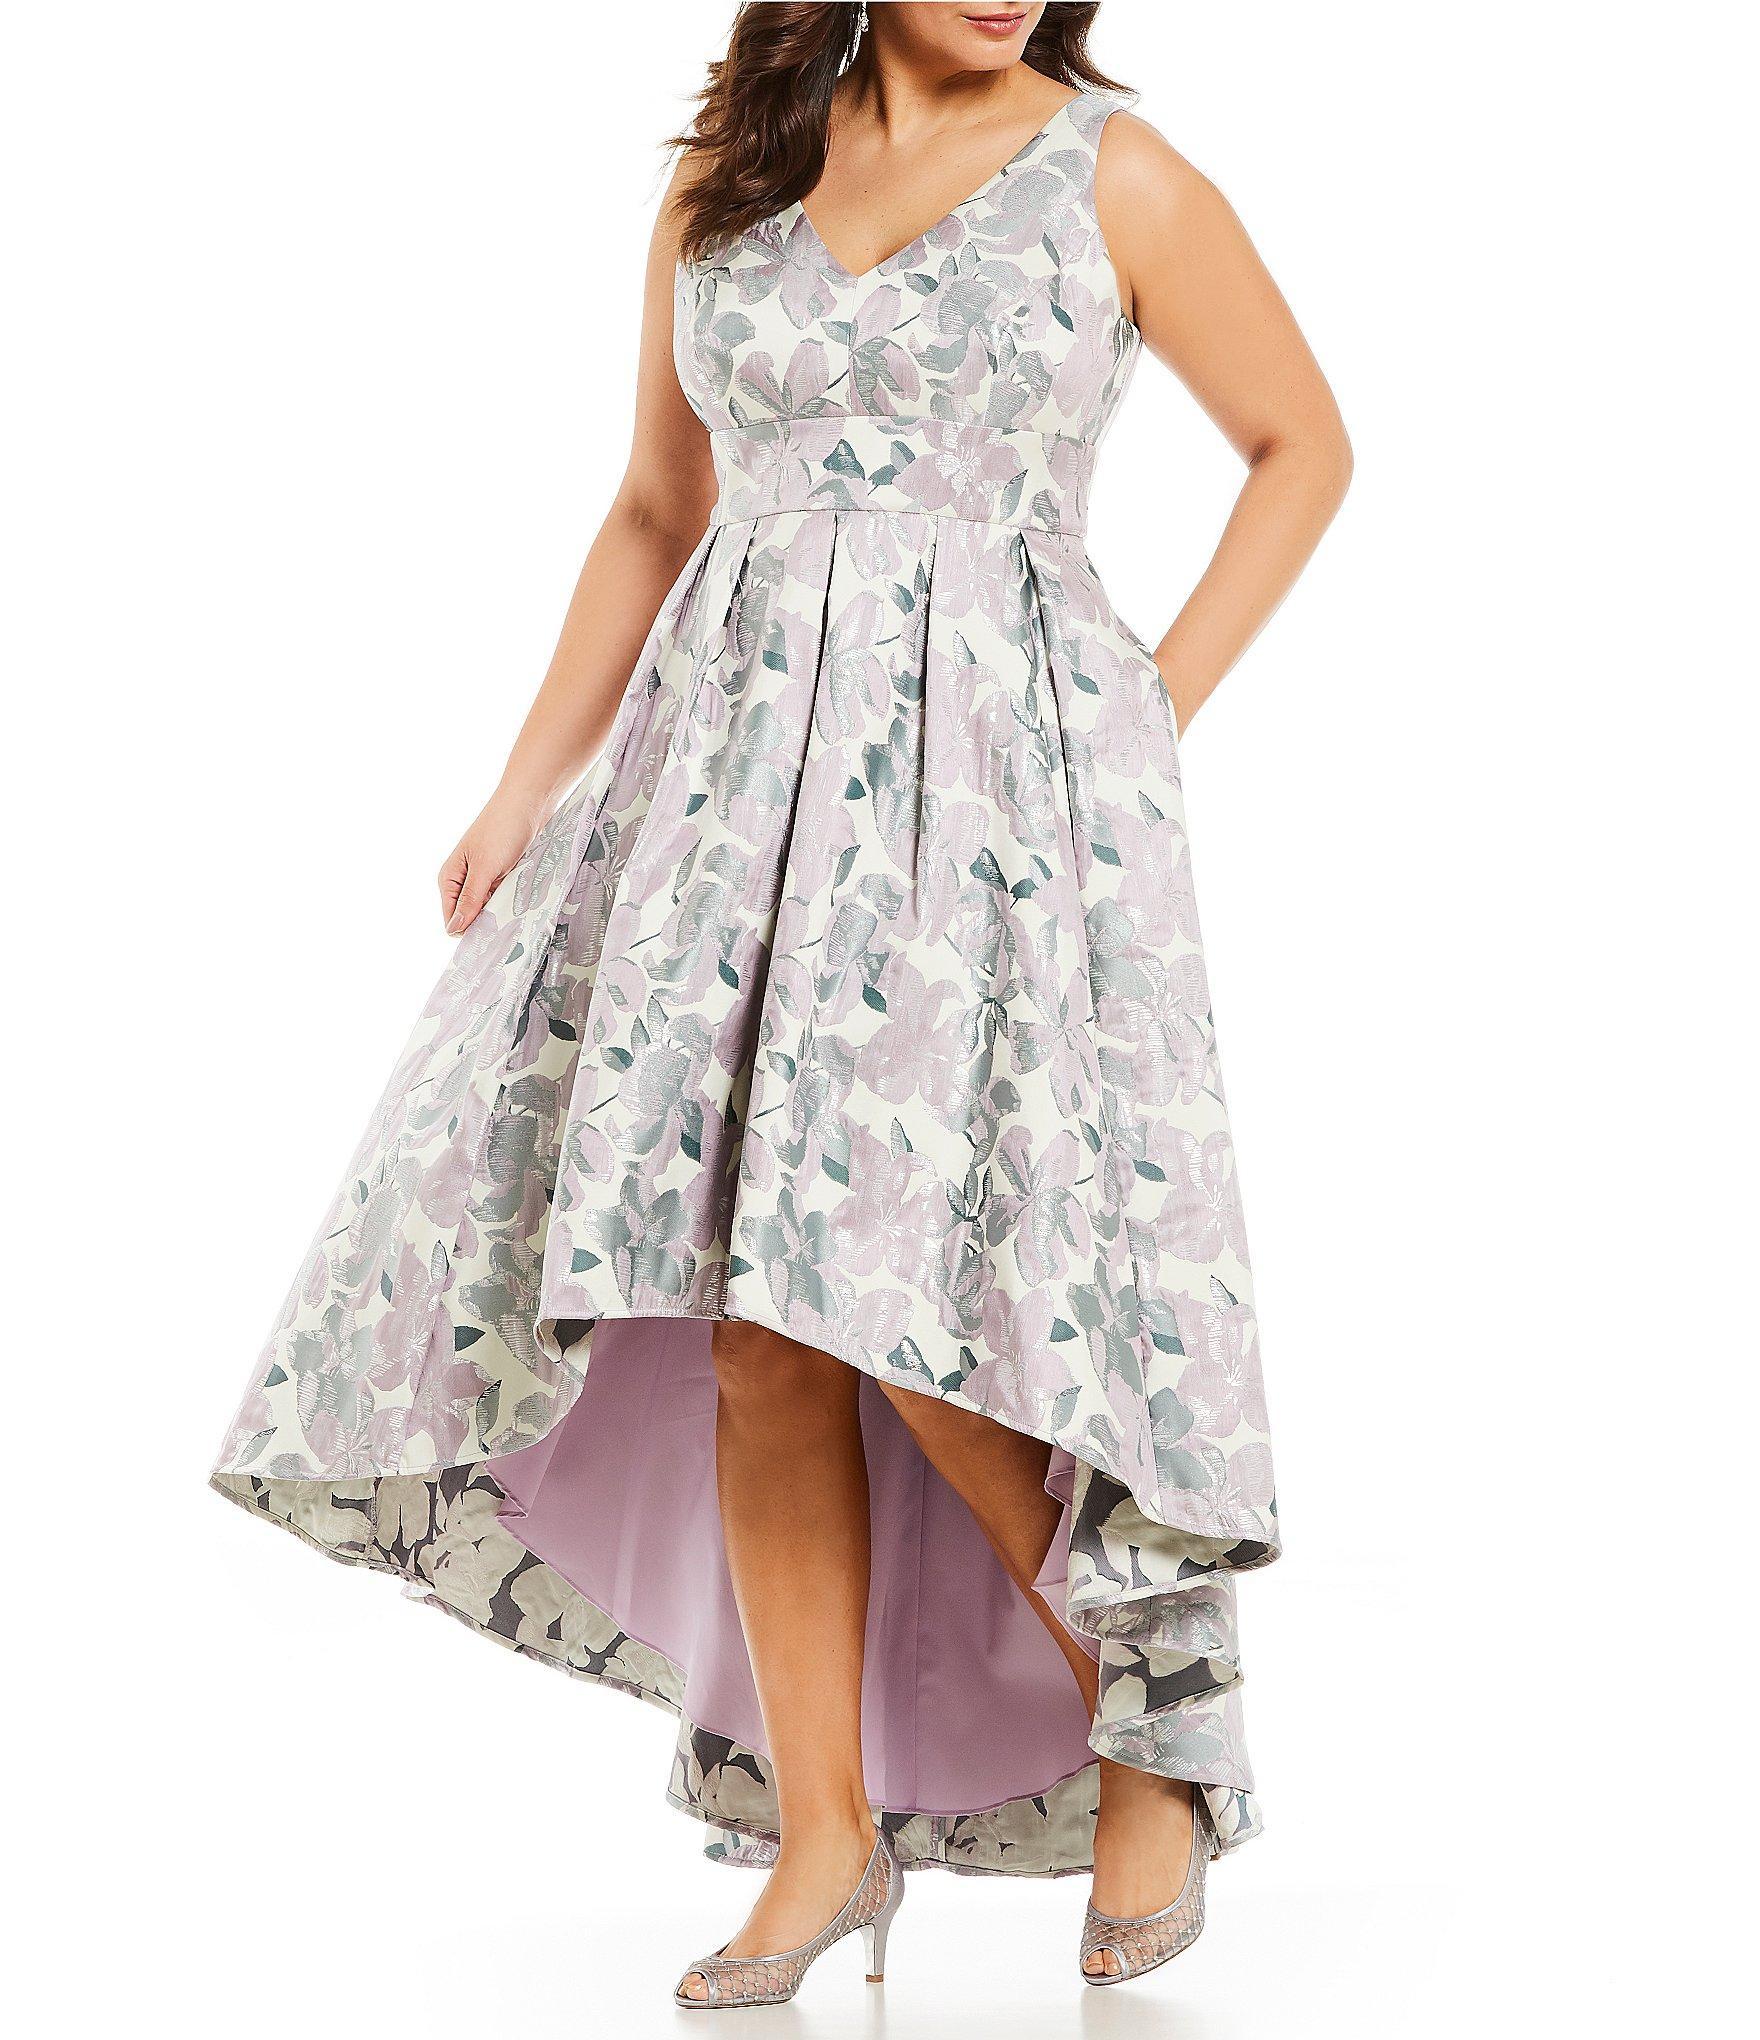 29e61ee20a8 Eliza J Plus Size Floral Print Jacquard V-neck Hi-low Gown - Lyst